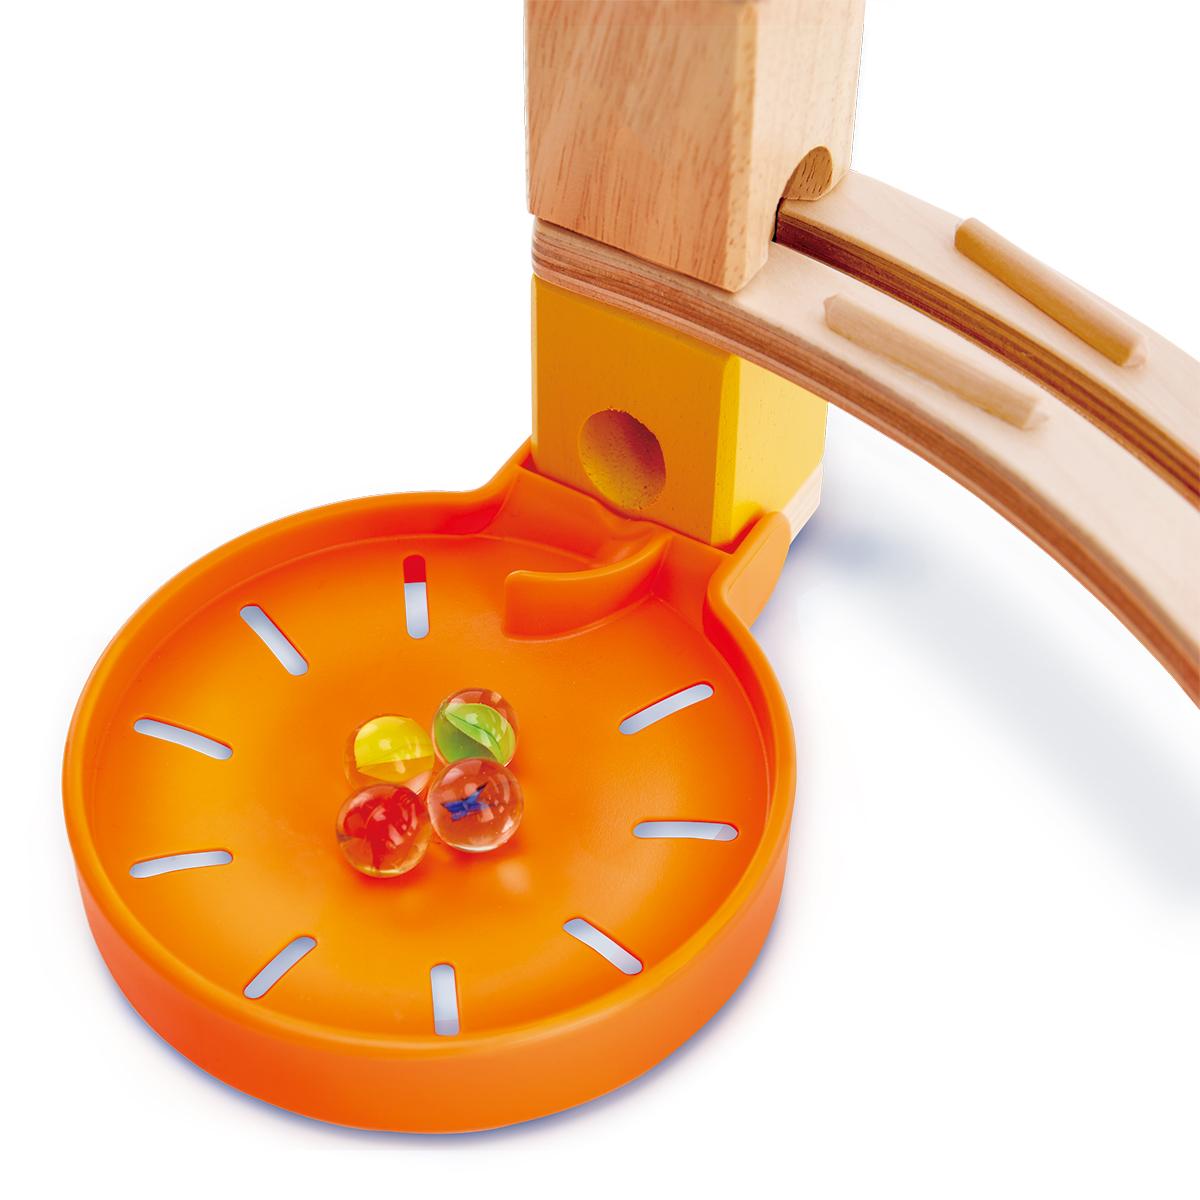 ラッピング 誕生日プレゼント のし メッセージカード無料 ボーネルンド クアドリラ 迅速な対応で商品をお届け致します 知育玩具 2個セット ビー玉キャッチャー 追加パーツ